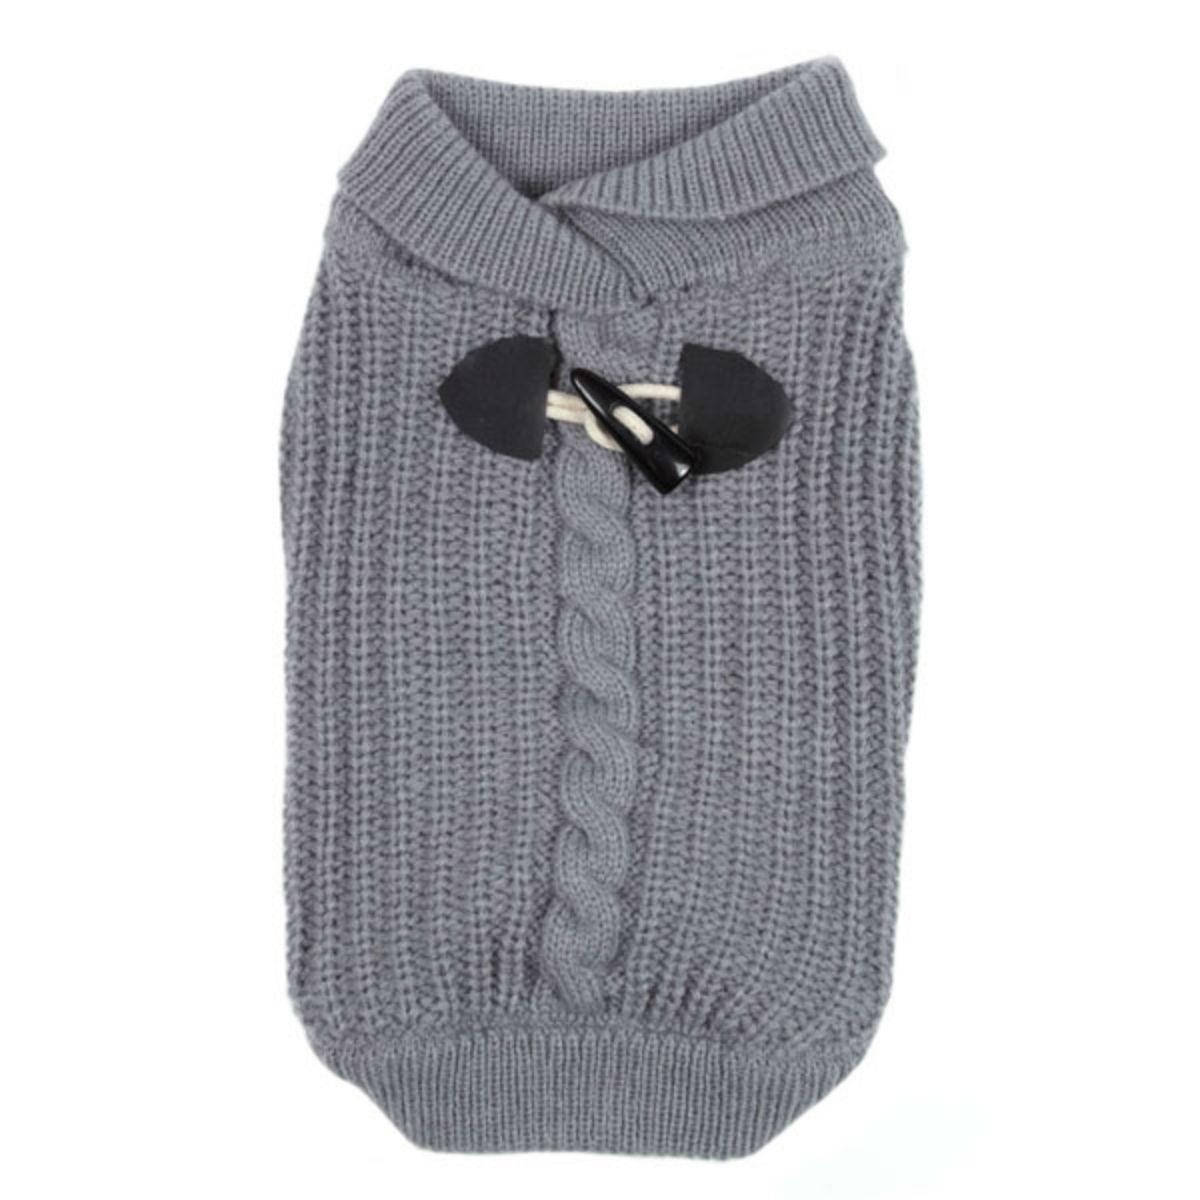 Shawl Collar Dog Sweater - Gray